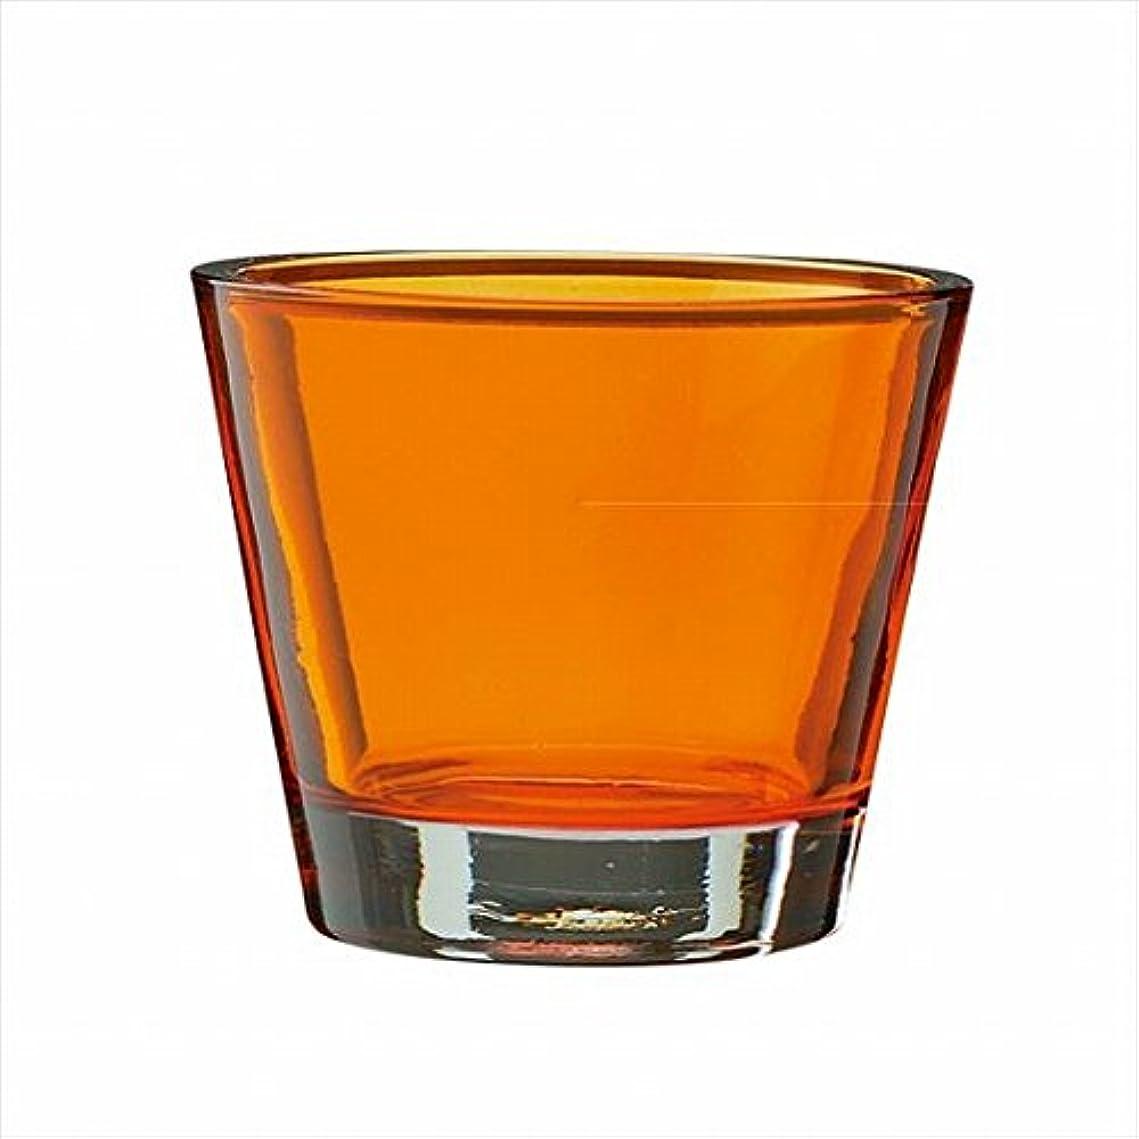 番号ジョガークレーターカメヤマキャンドル(kameyama candle) カラリス 「 オレンジ 」